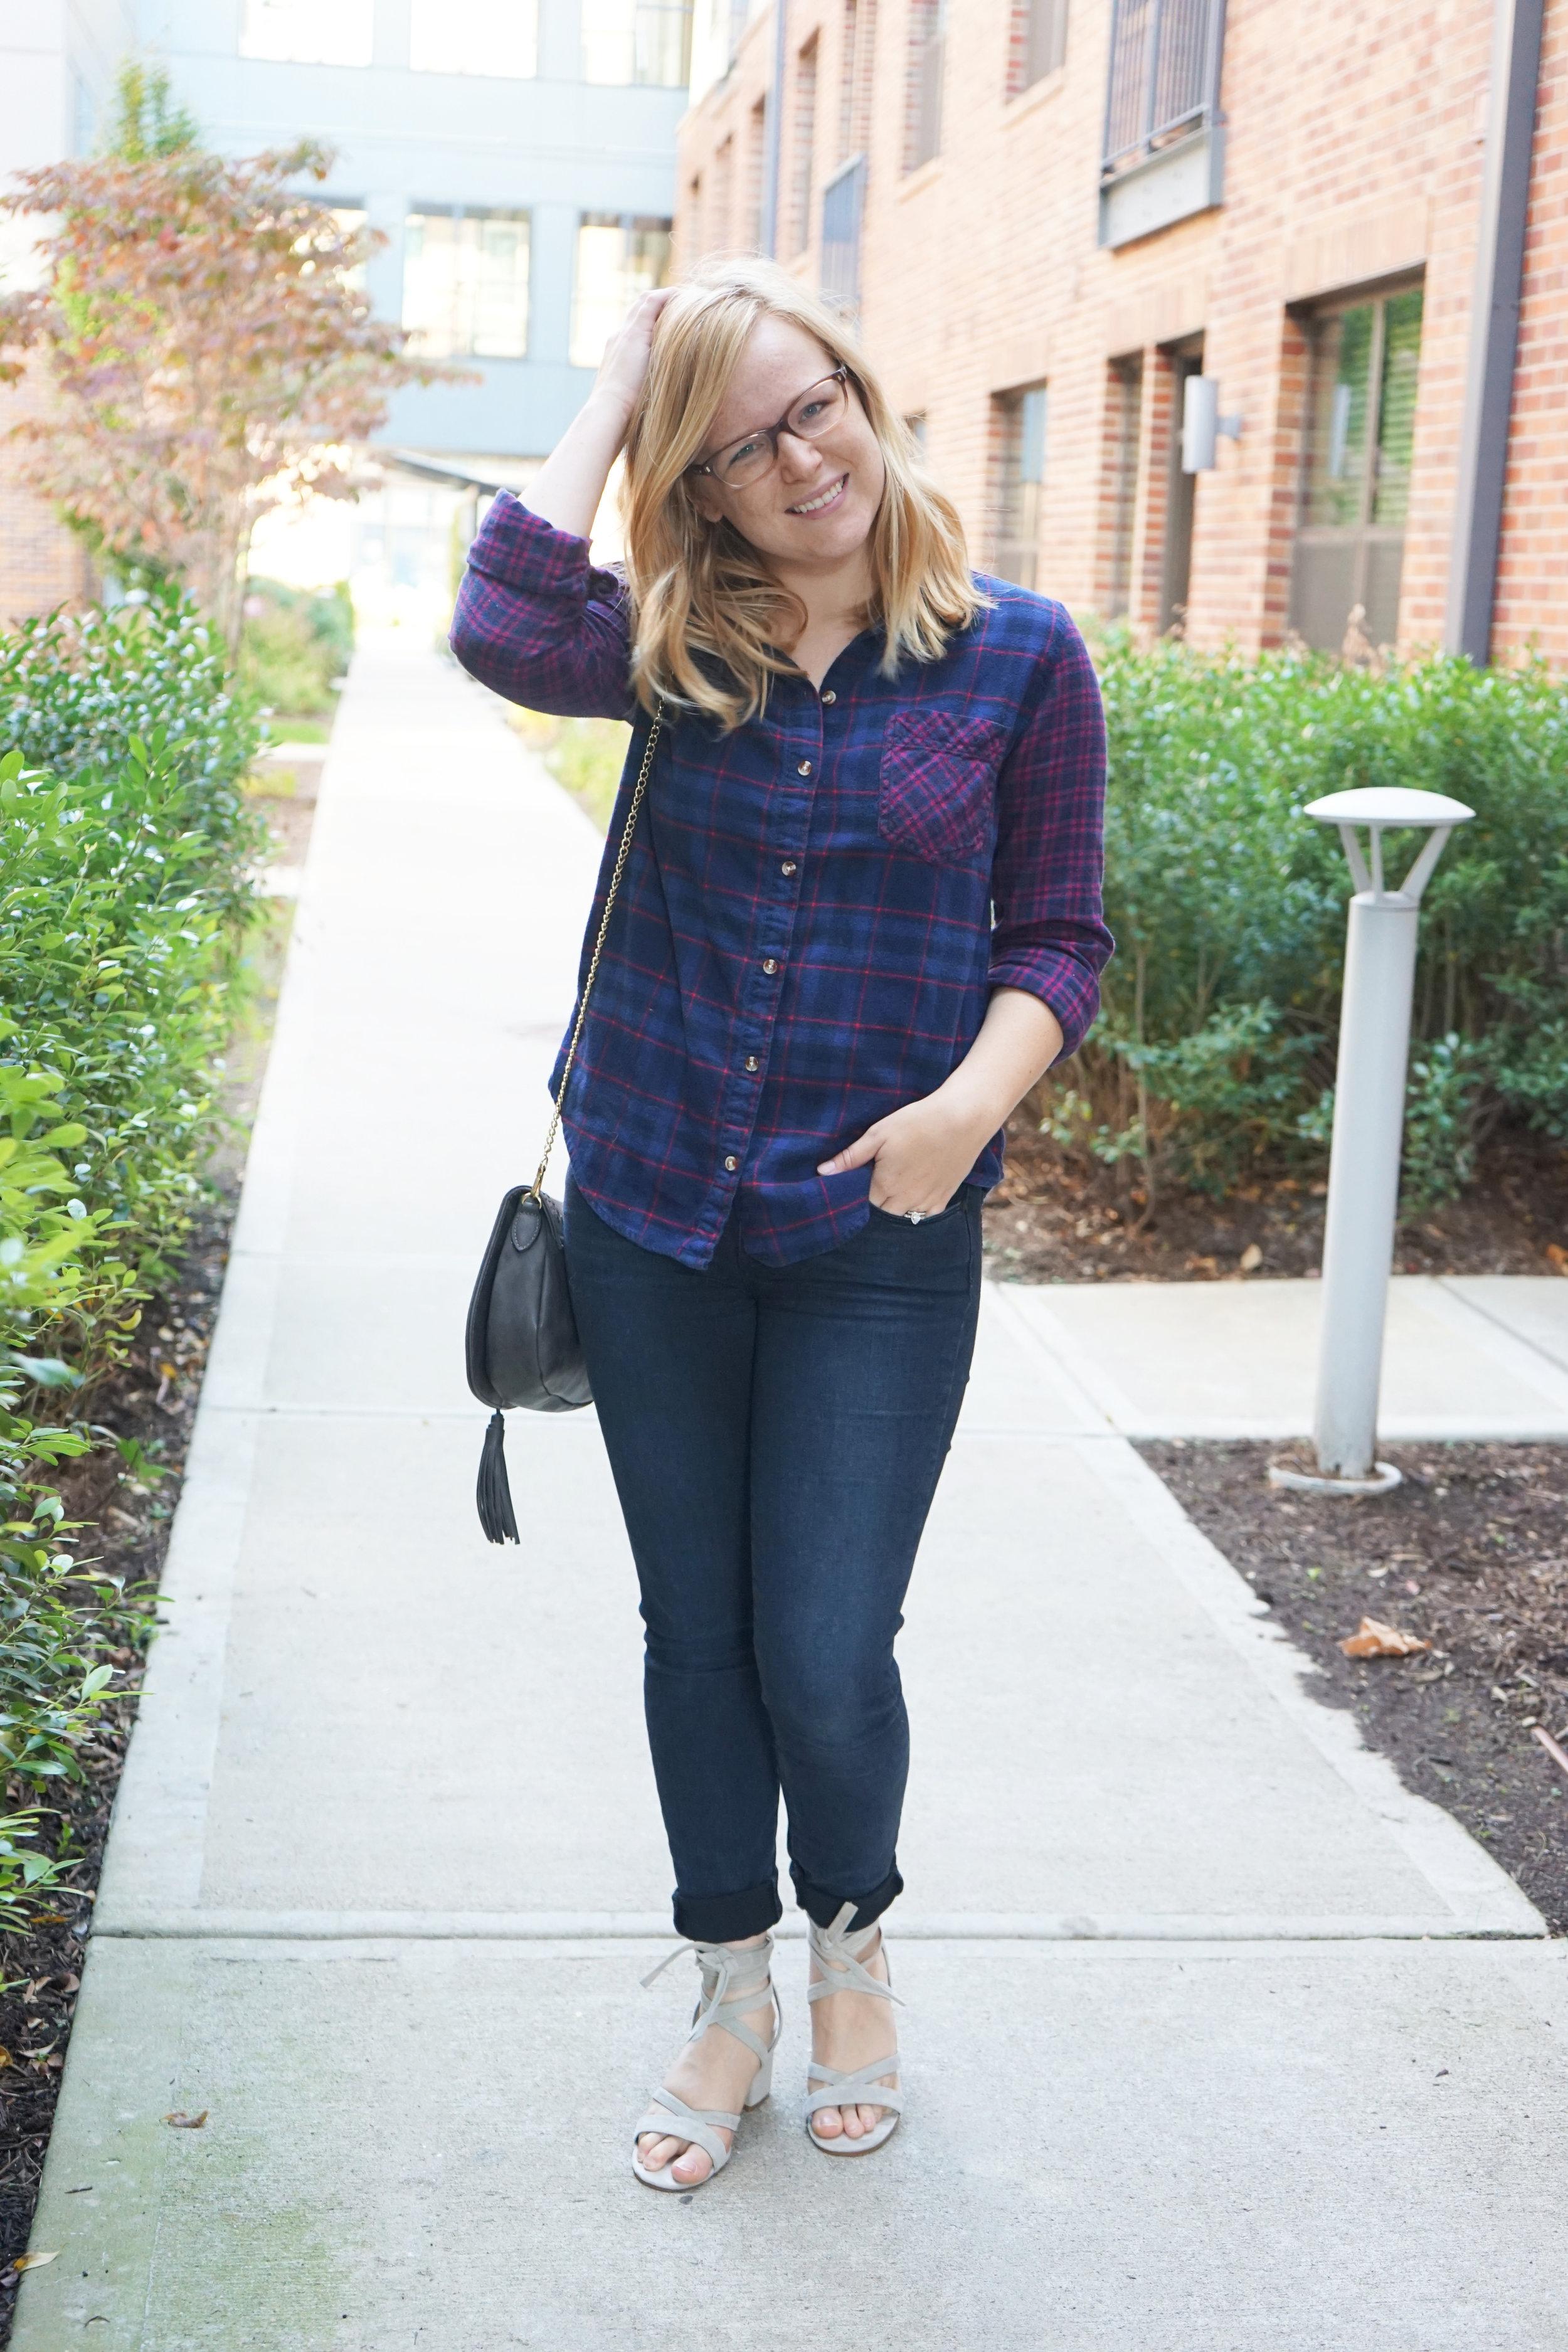 Maggie a la Mode - Dressing in Fall When it Doesn't Feel Like Fall 6.JPG